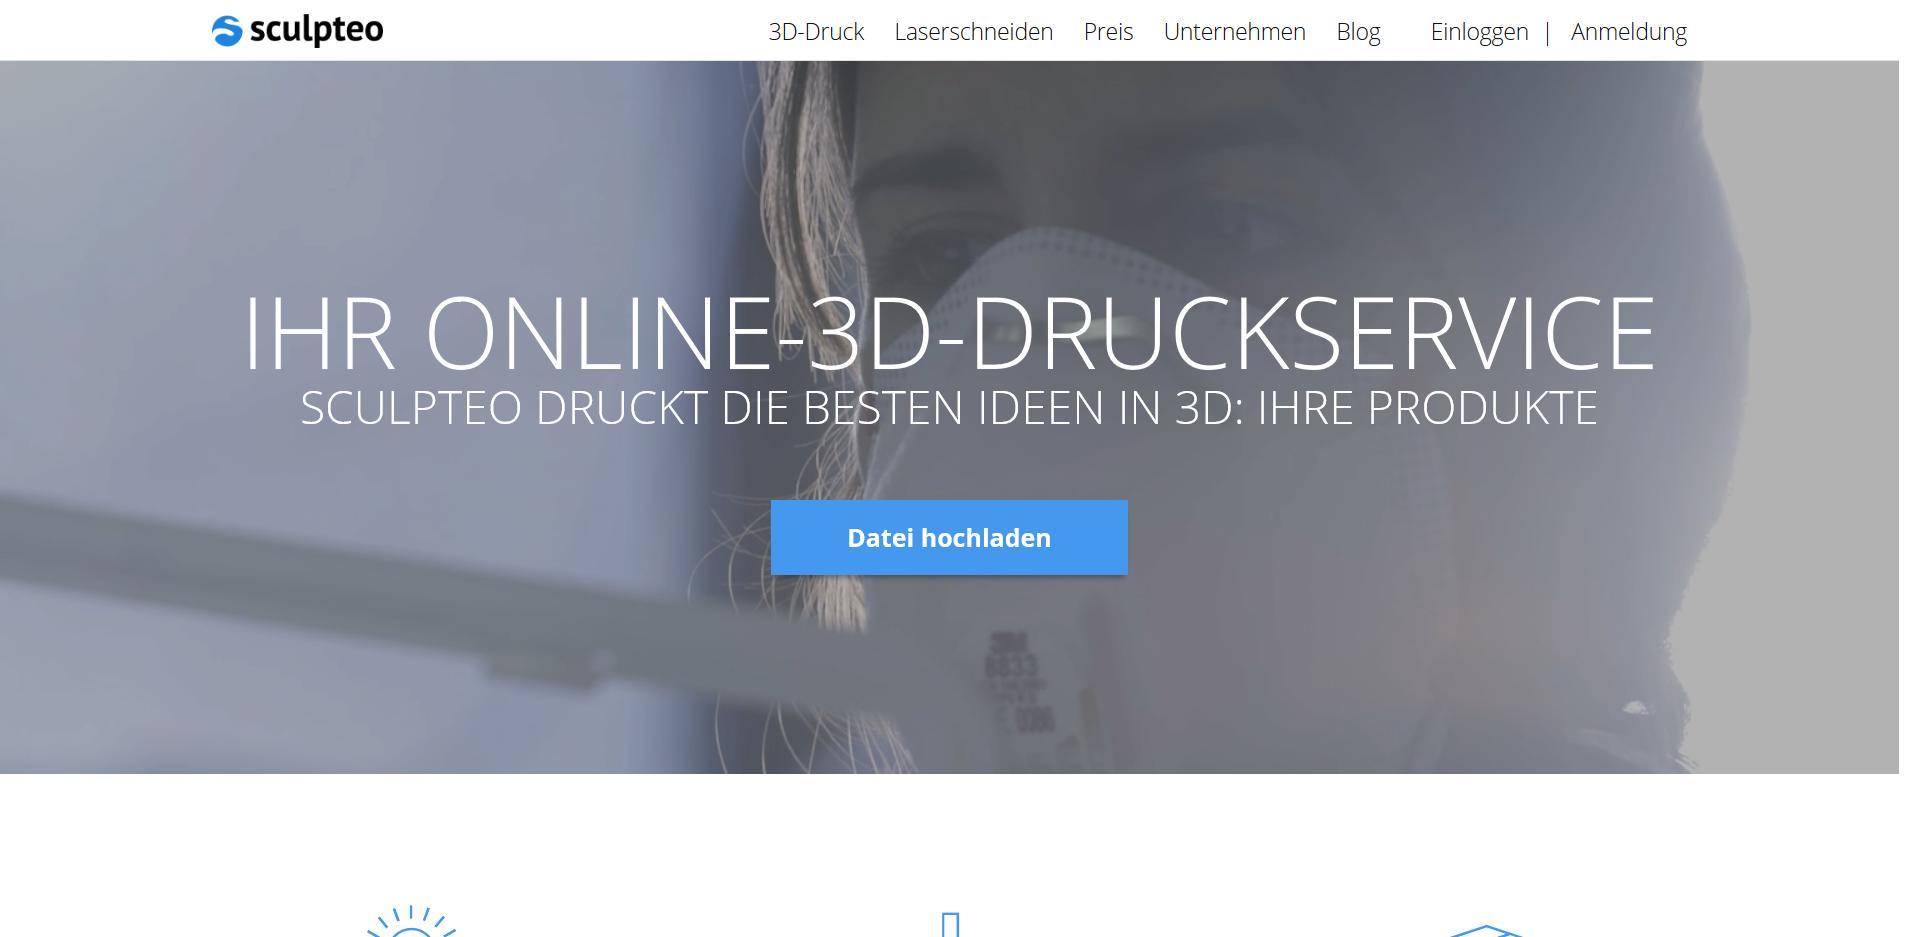 3D drucken lassen auf Sculpteo - Startseite des Service